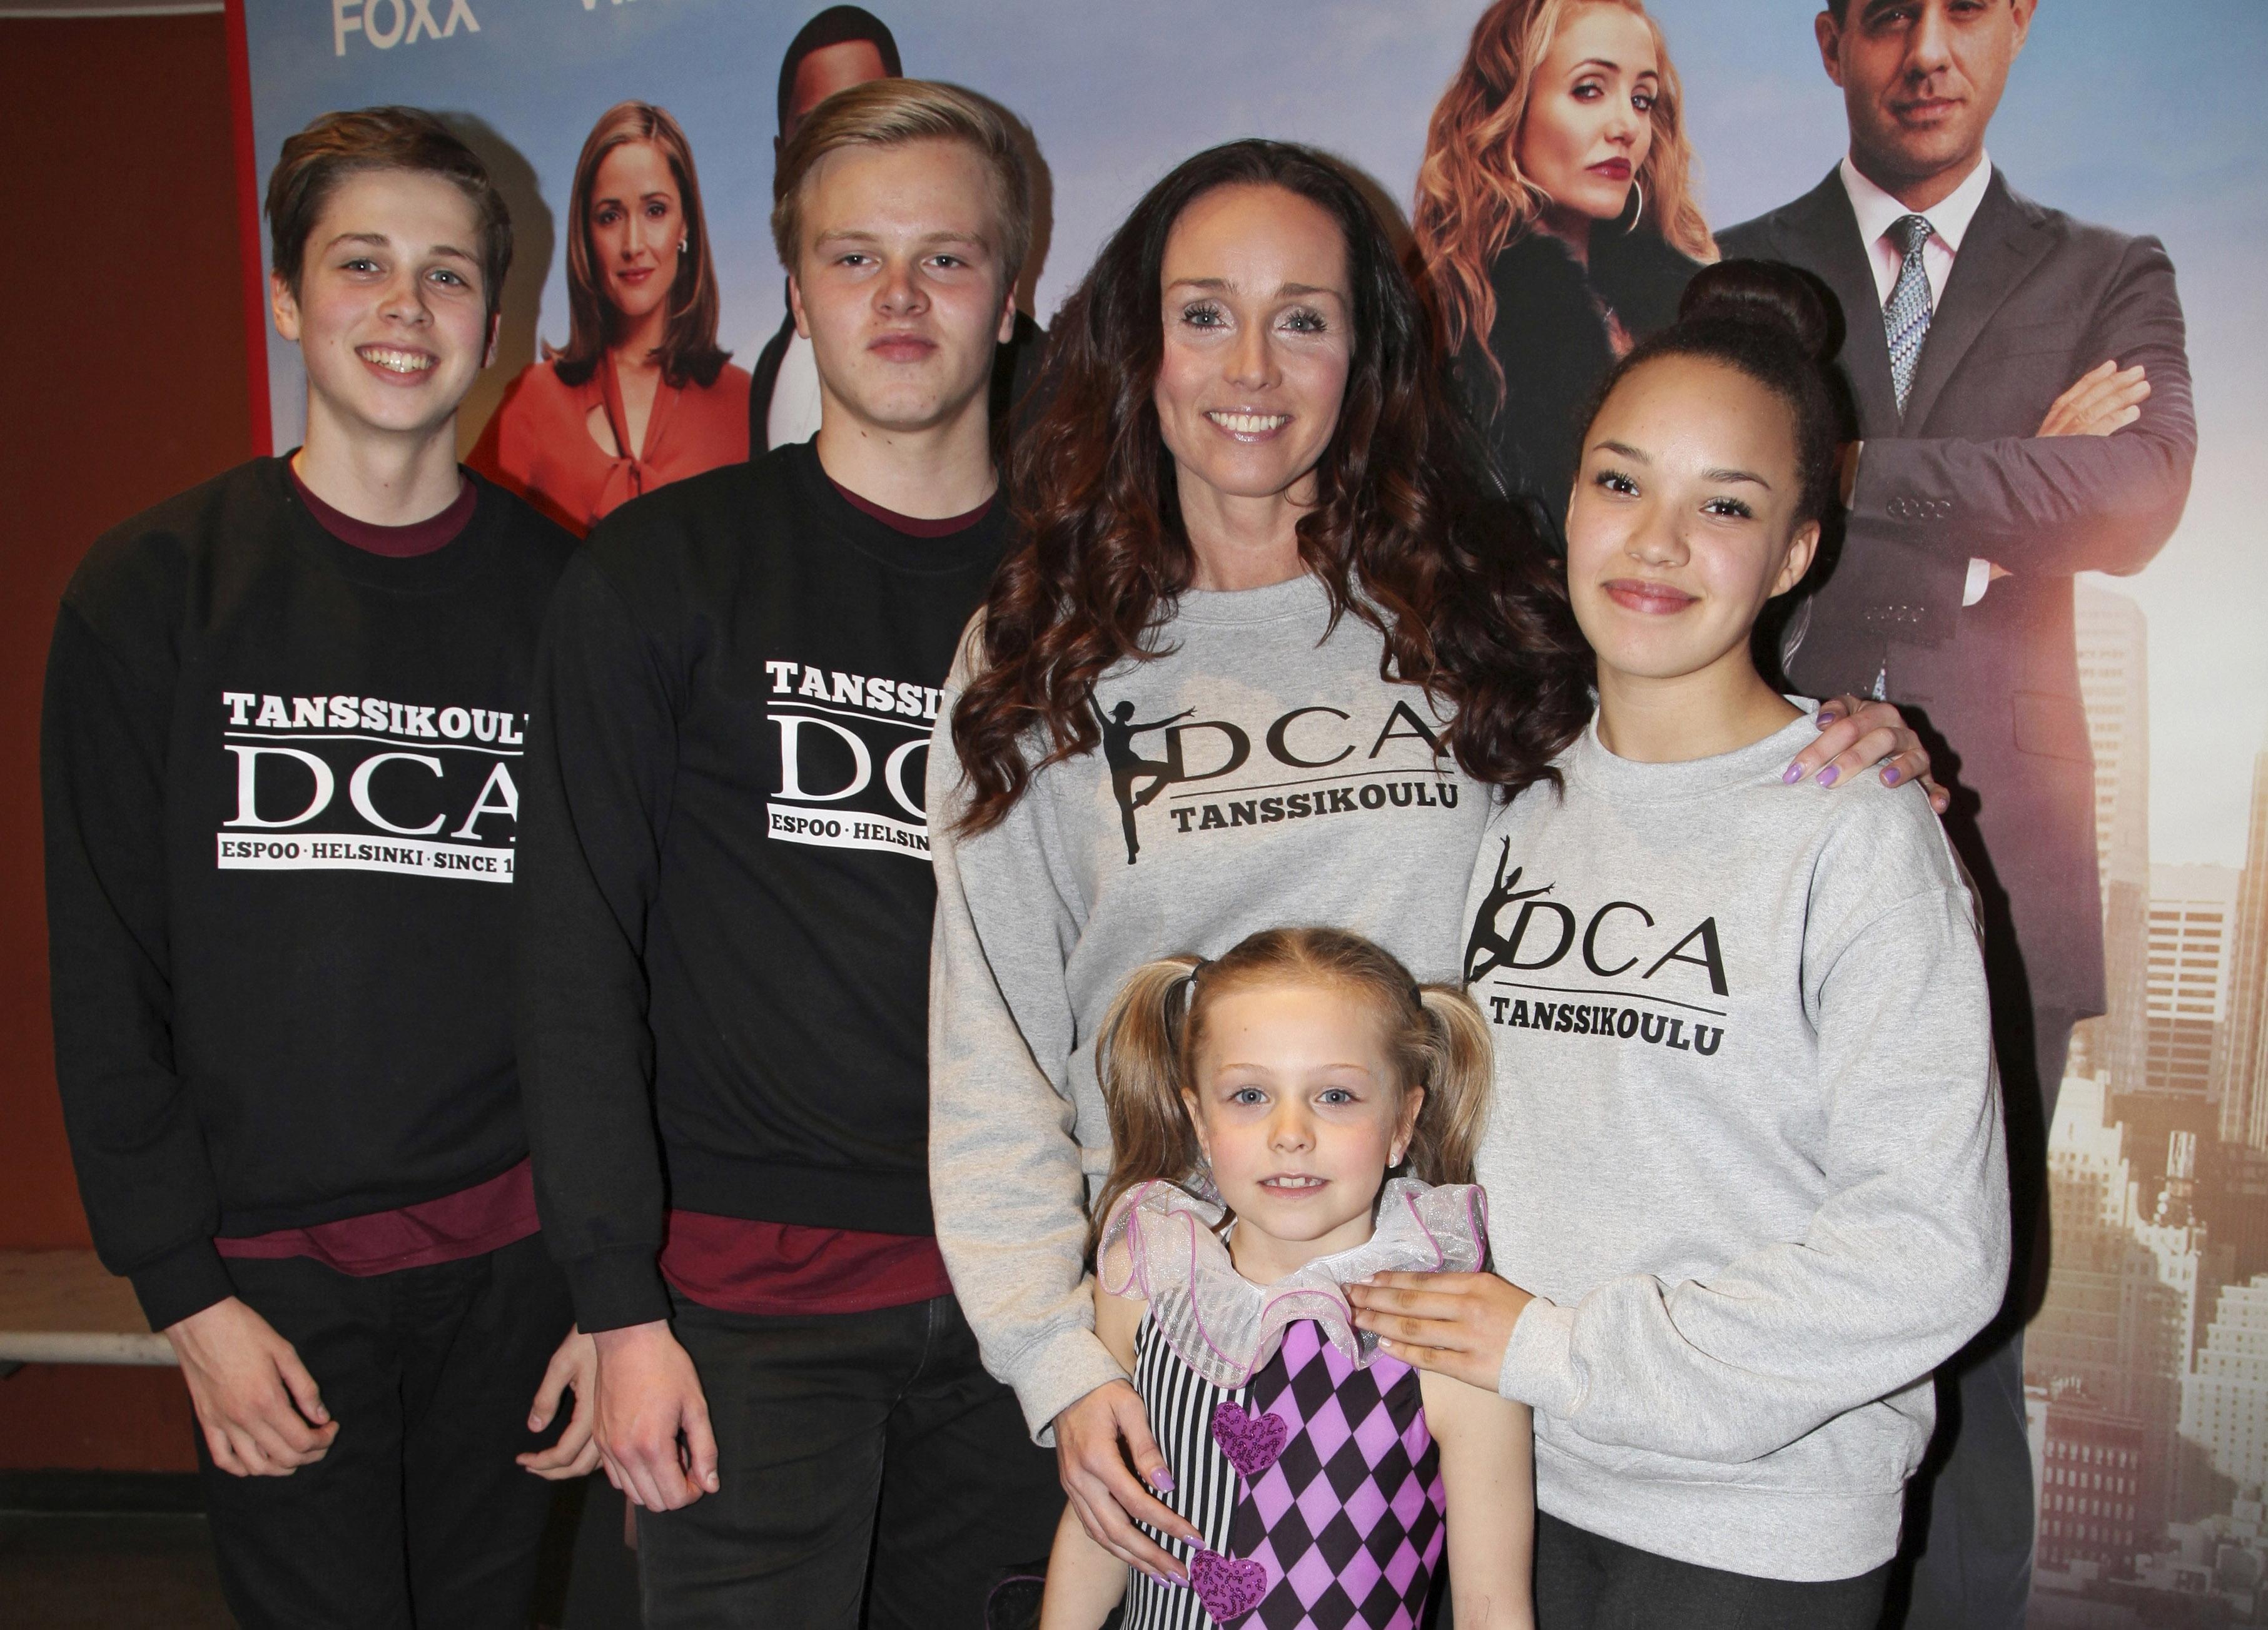 Anitra ja lapset Axu, Oskari, Anina ja Jasmin Ahtolan tanssikoulun järjestämässä Annie-elokuvan kutsuvierasnäytöksessä vuonna 2015.